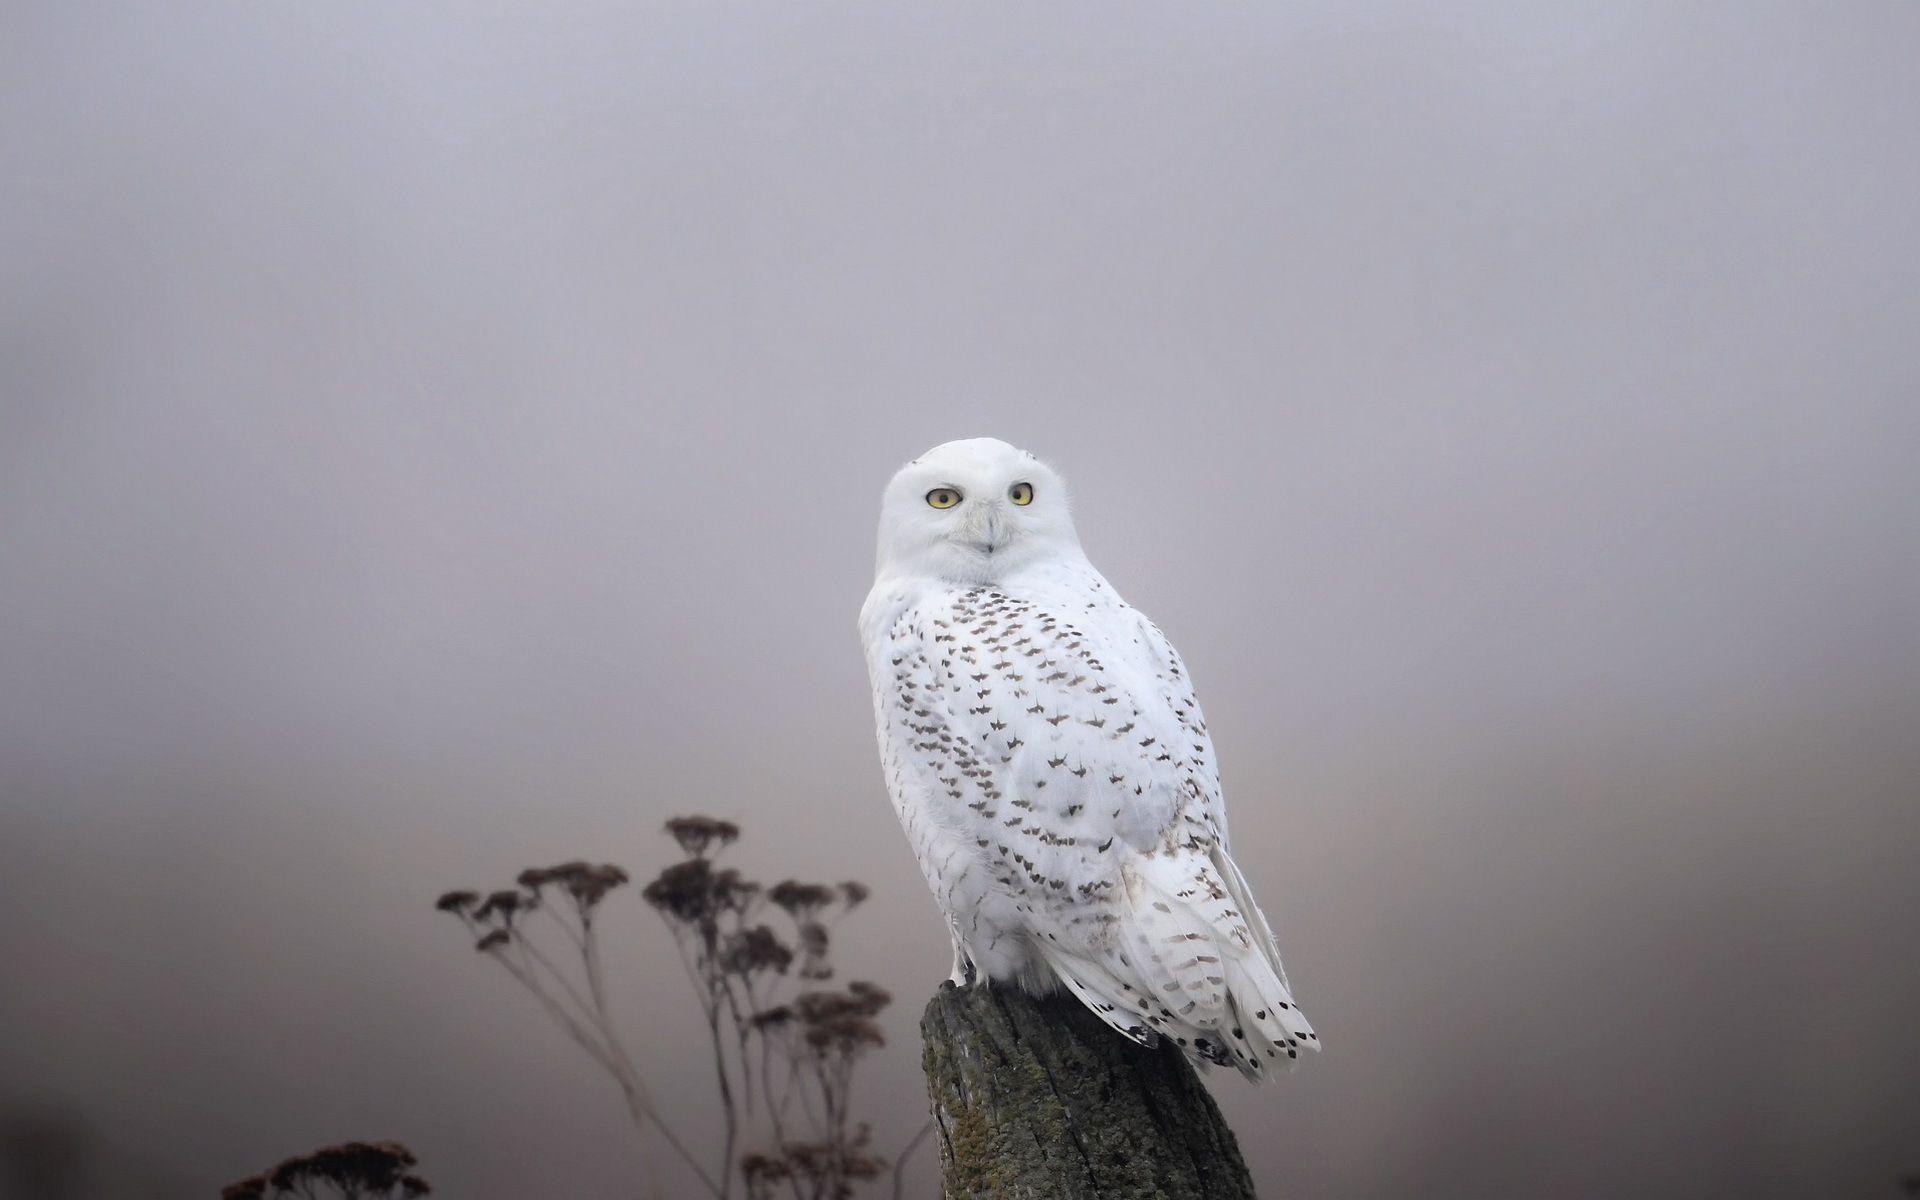 White Owl Wallpaper Google Search